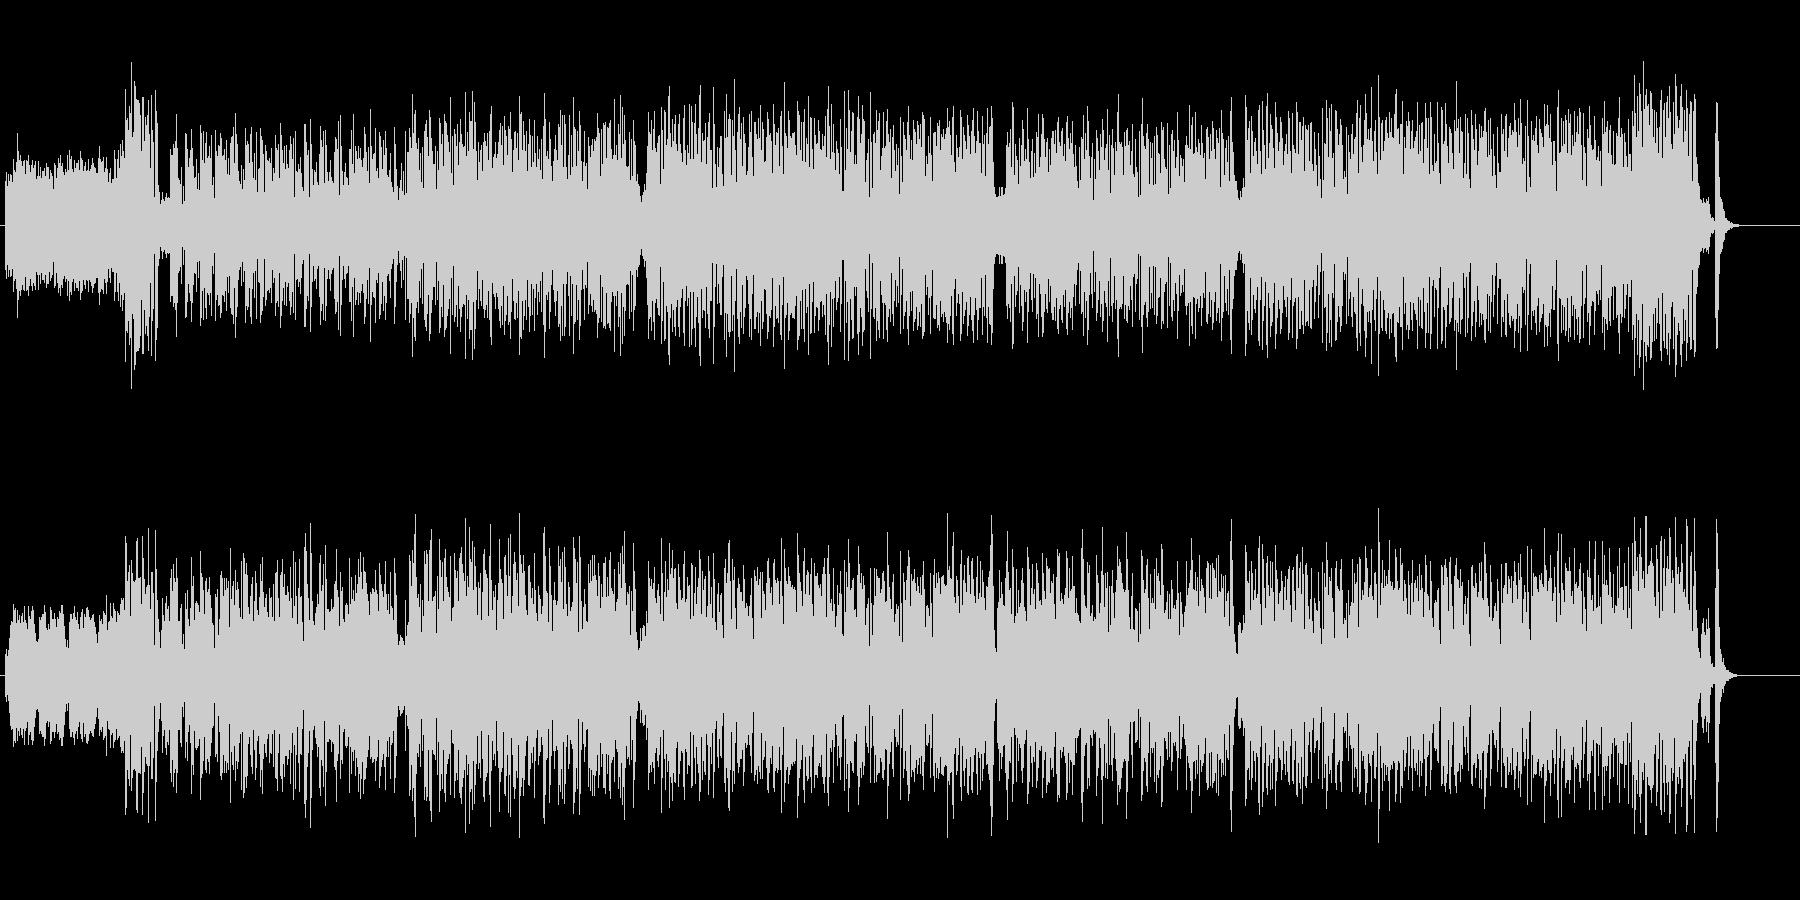 軽快なフラメンコ調ジプシー系ワールド音楽の未再生の波形